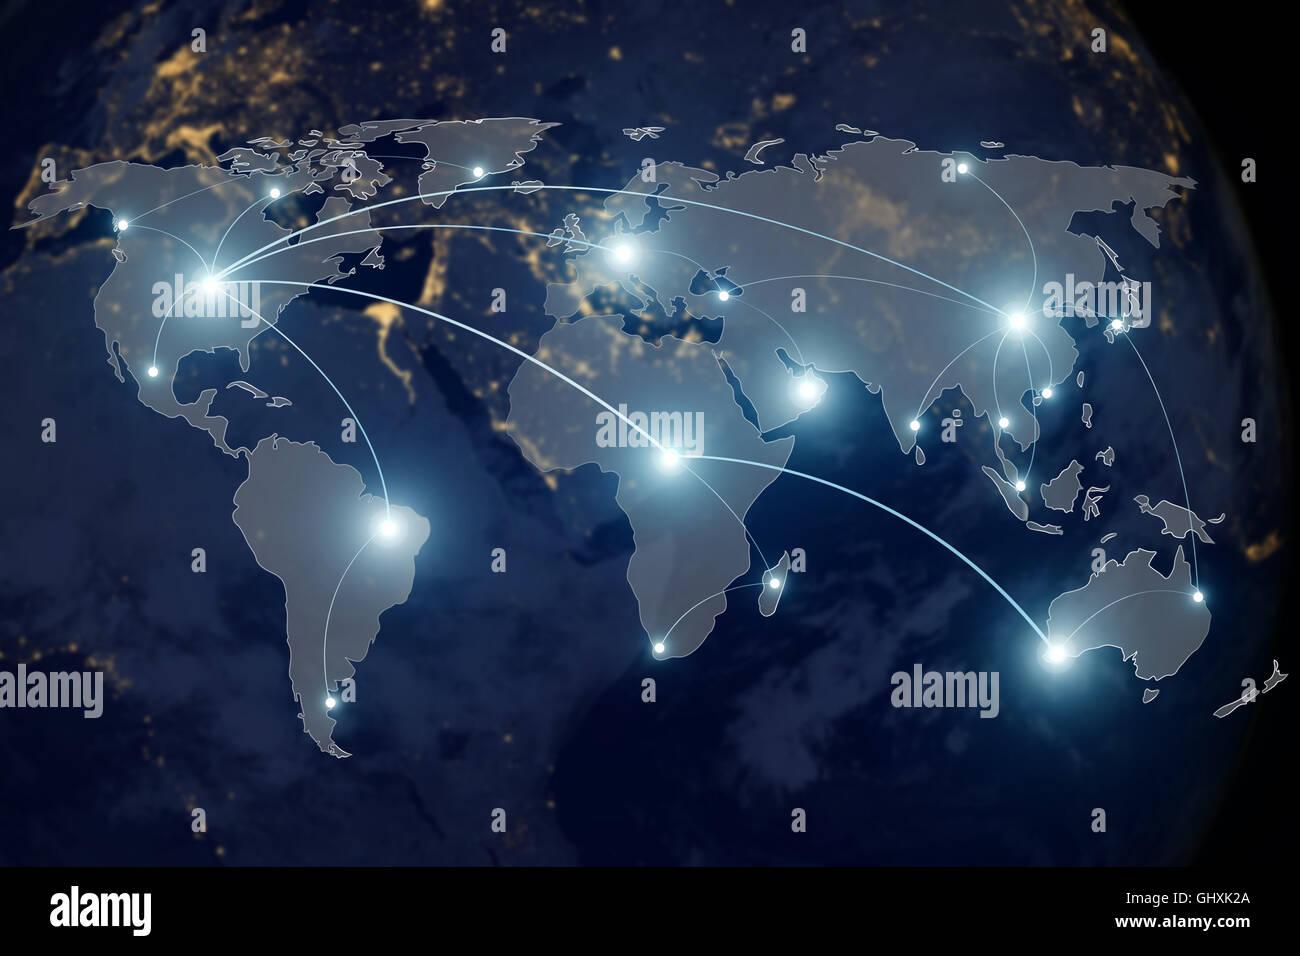 Technologie de connexion réseau - concept de partenariat connexion réseau et carte du monde. Éléments Photo Stock